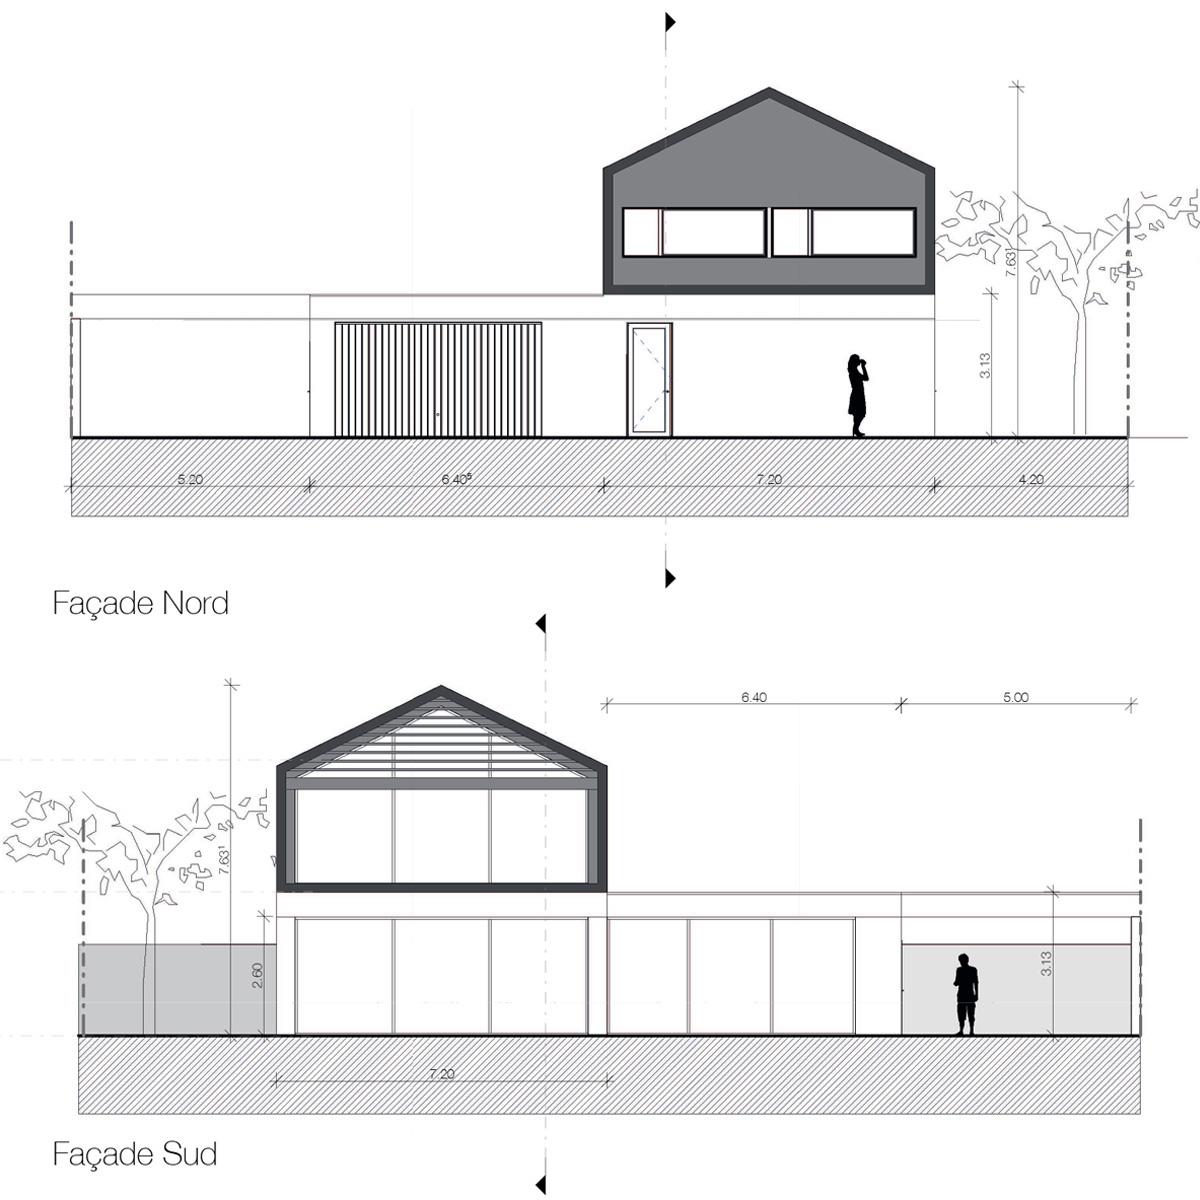 Maison-contemporaine-architecte-Lyon-Facades-baie-vitree